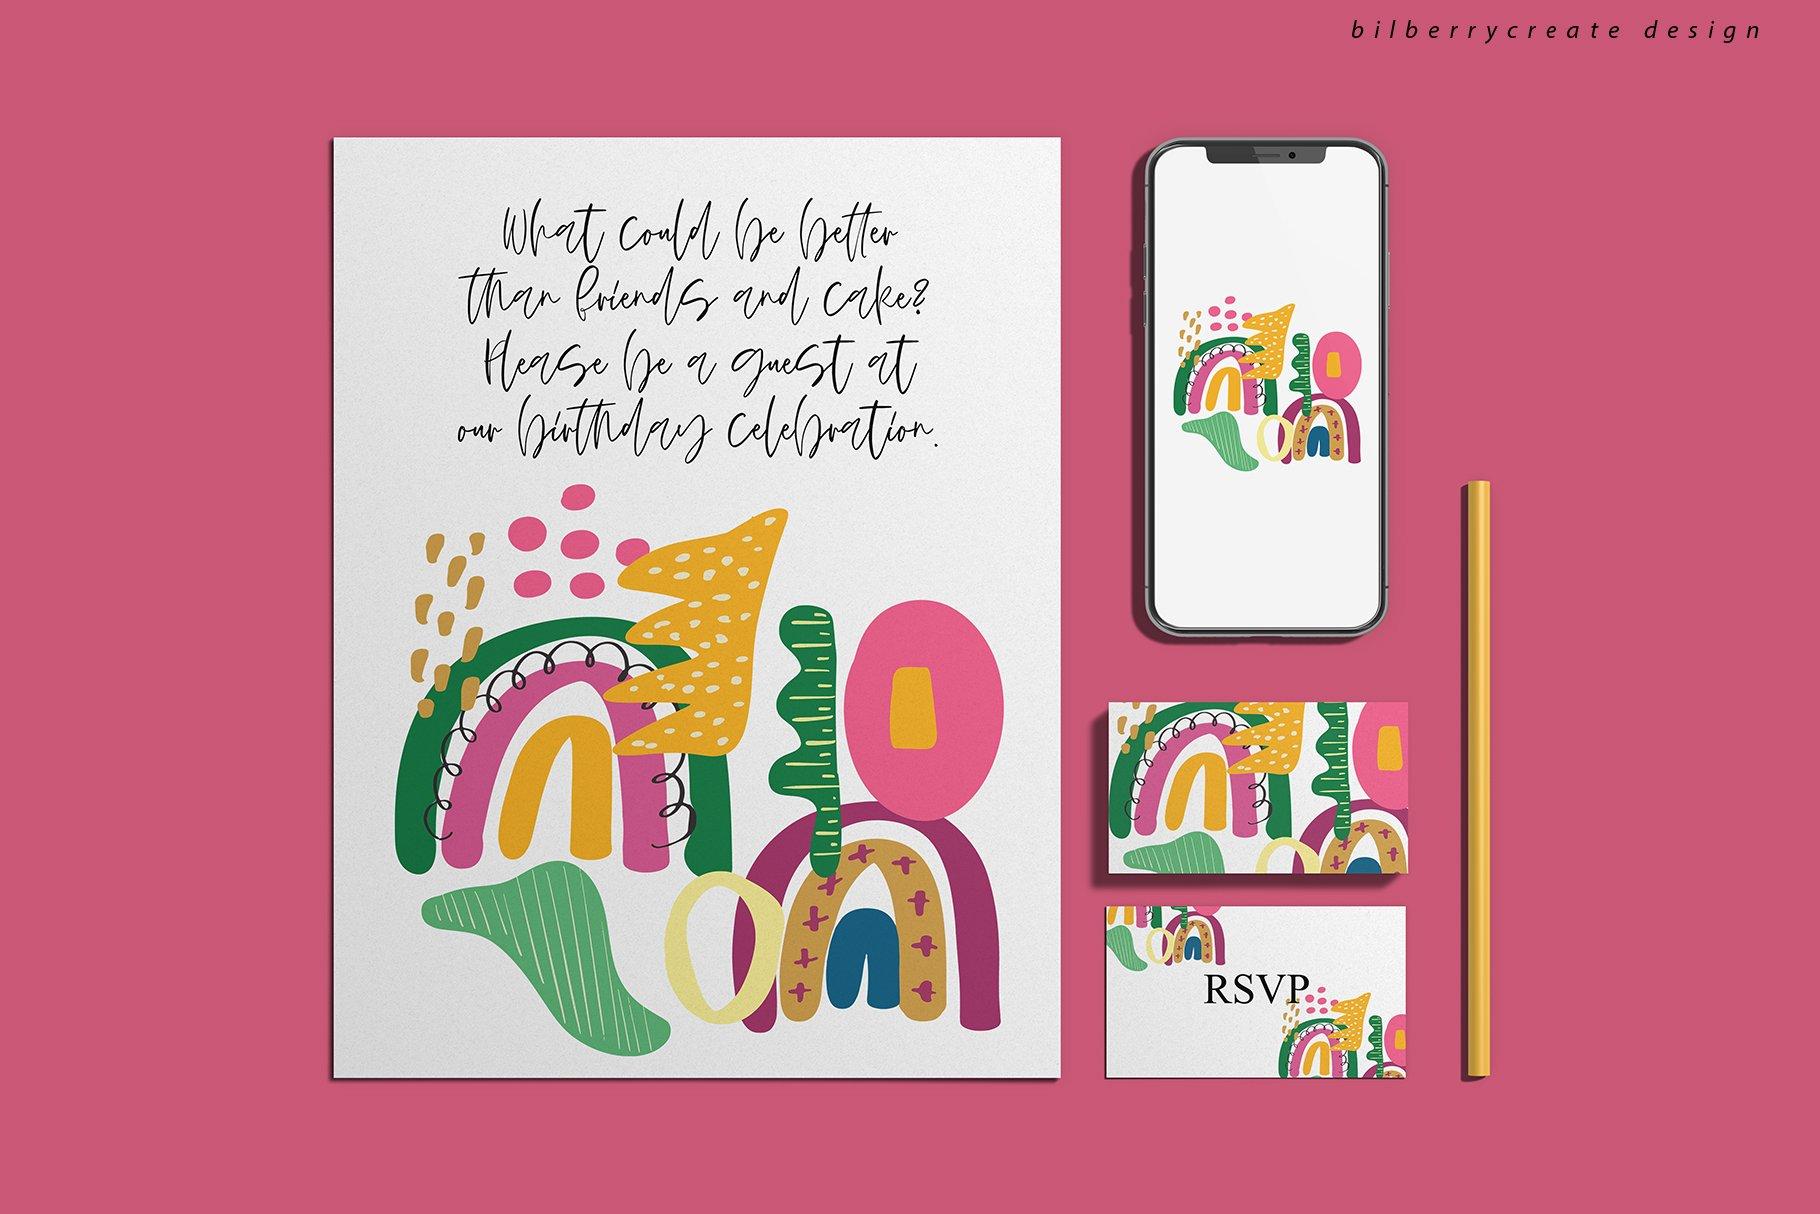 现代卡通抽象花卉彩虹元素矢量插图 Playful Naive Art Abstract插图(3)